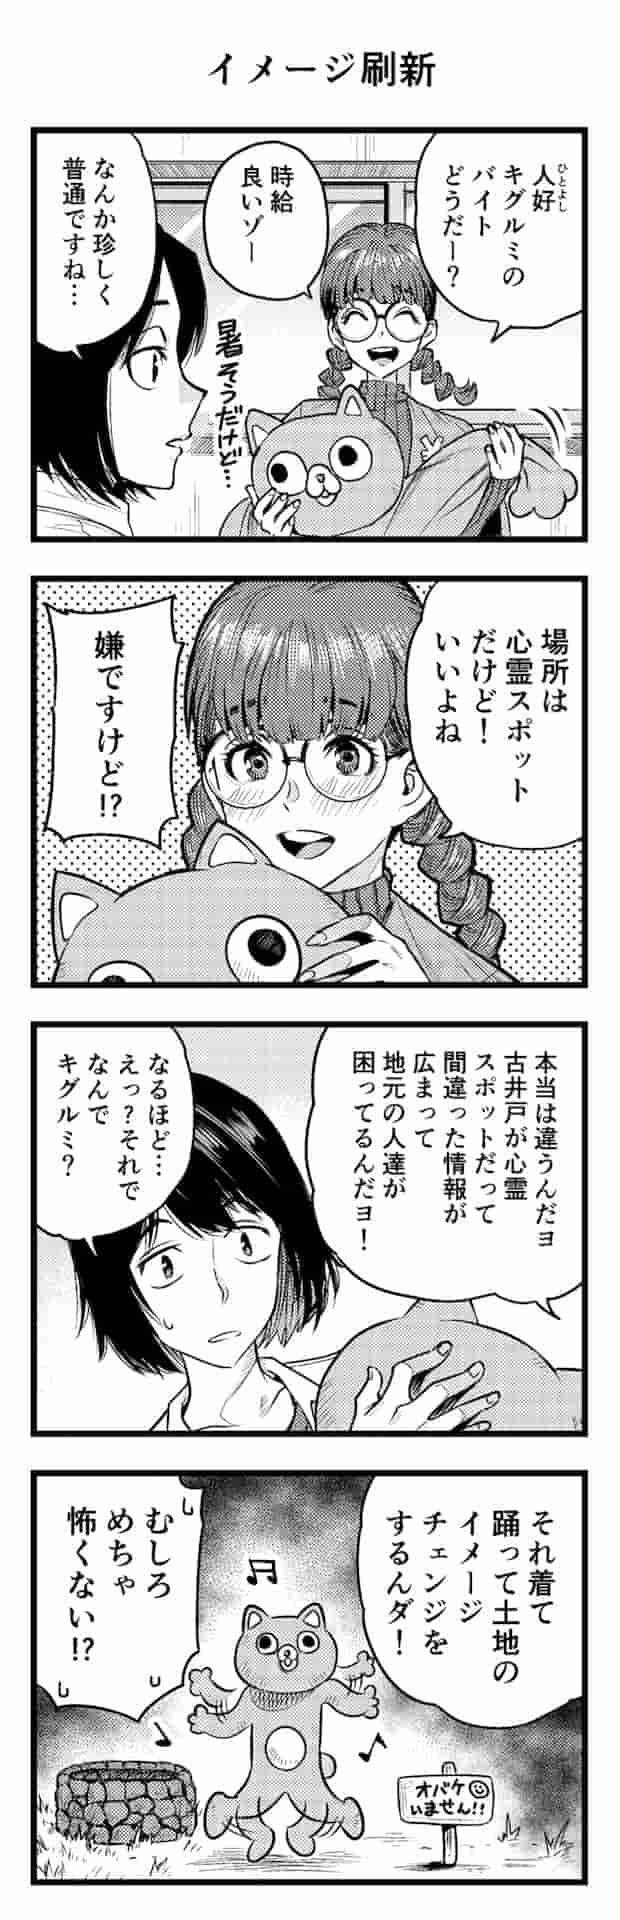 トンデモワーク 凸ノ高秀 漫画 マンガ 4コマ タウンワークマガジン